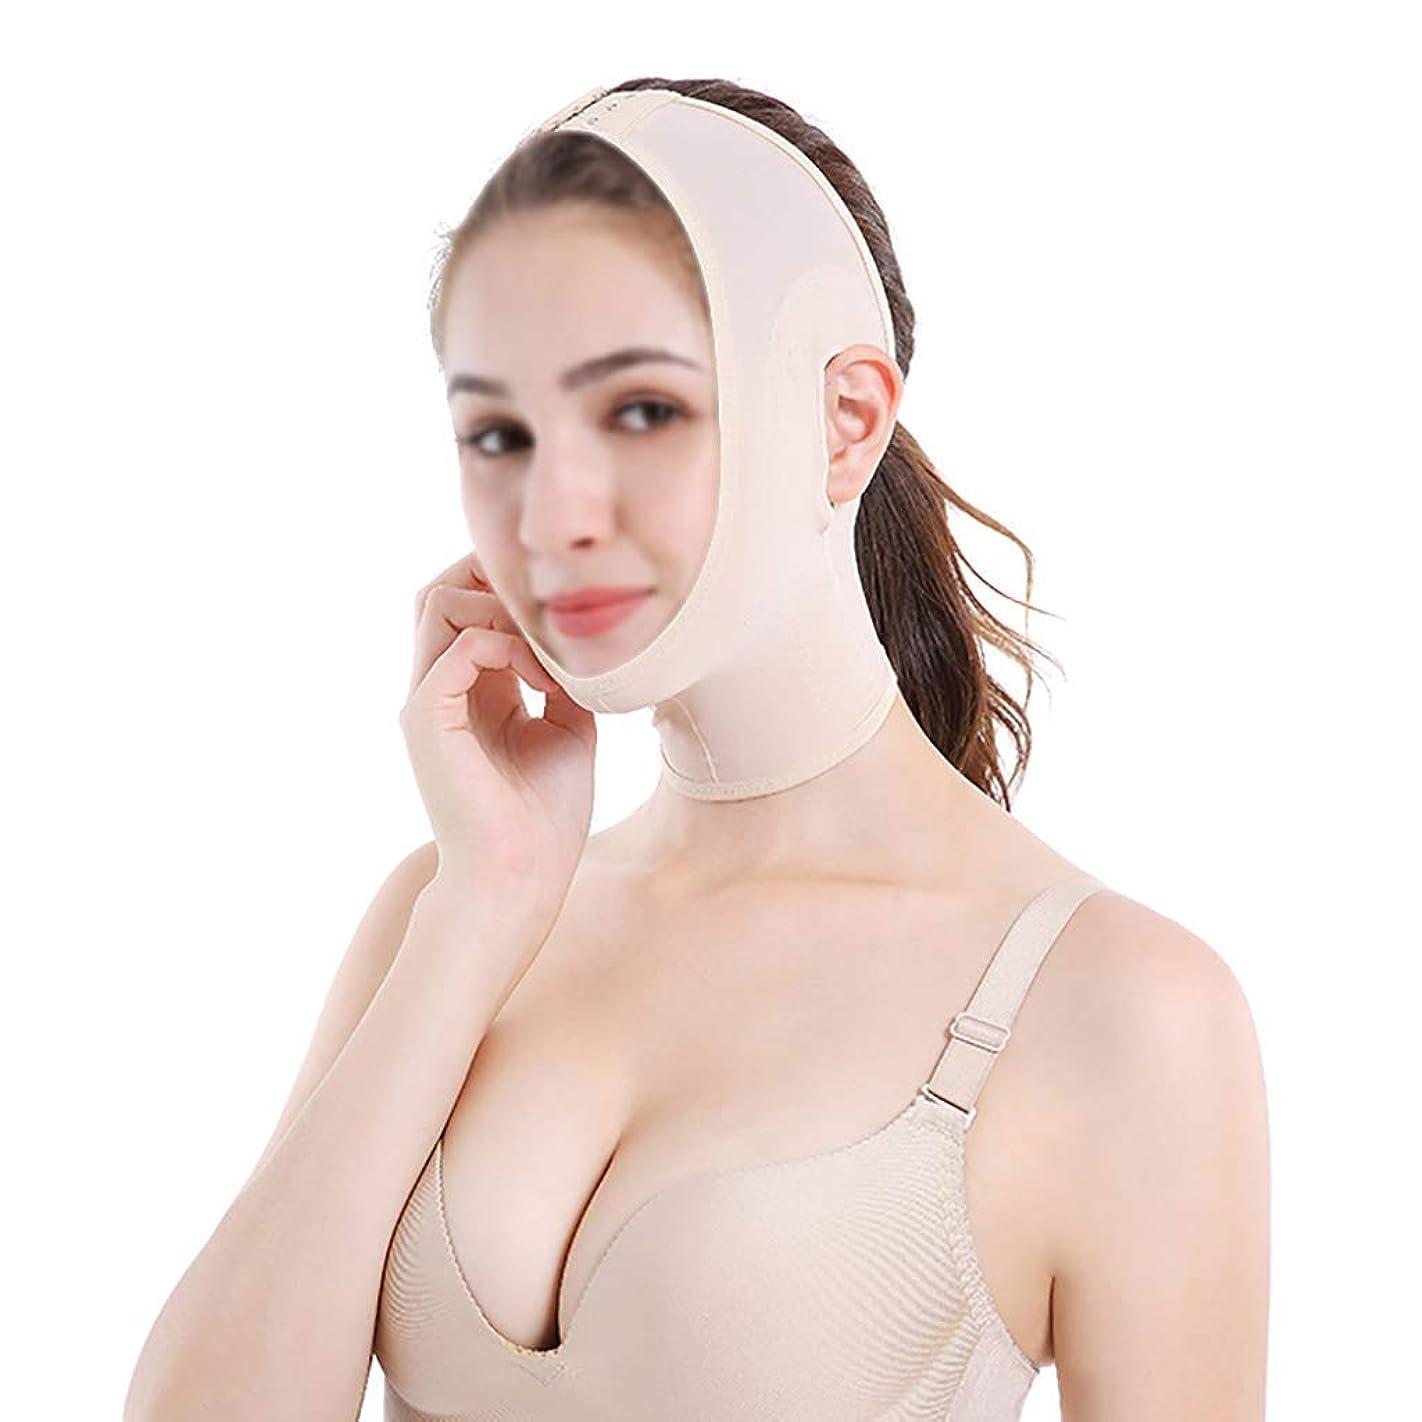 踏み台トリプル実行ファーミングフェイスマスク、スリムベルトフェイスリフティングバンデージスモールVフェイスマスクフェイスリフティングアーティファクトフェイスリフティングファーミングマスク(サイズ:M),XS